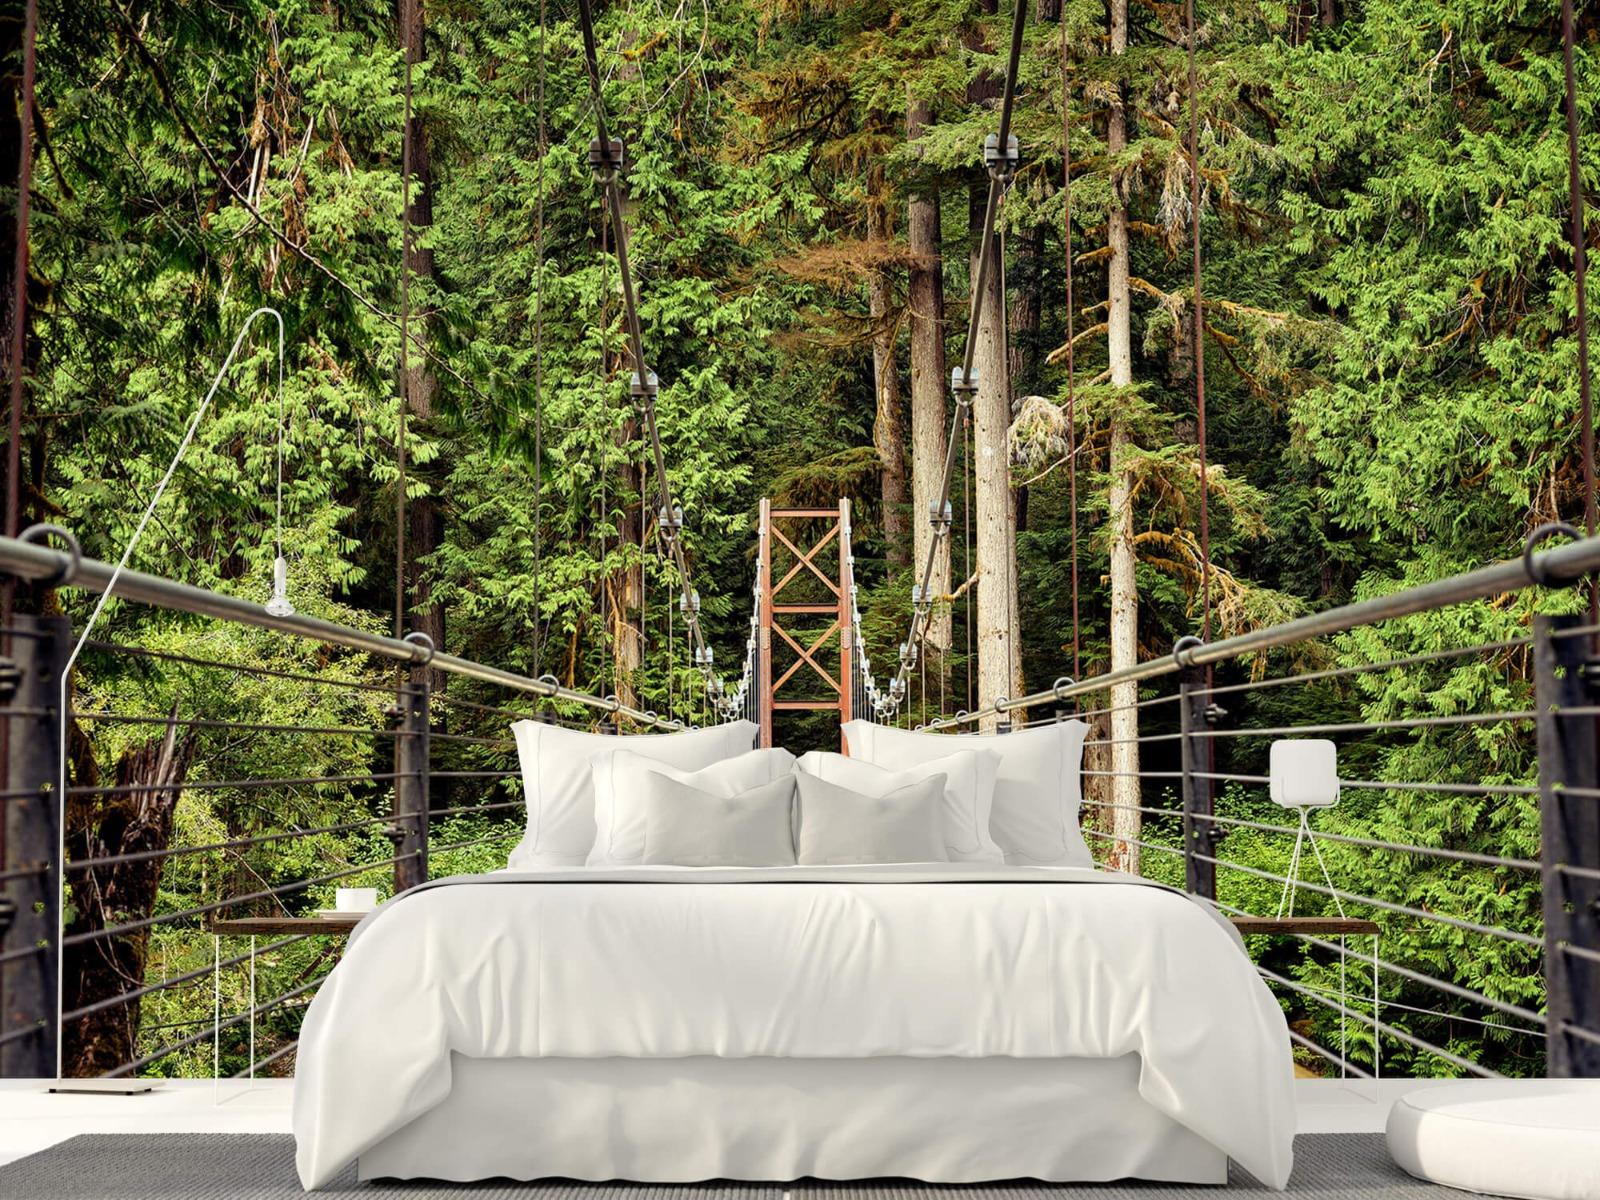 Bos behang - Brug door het bos - Slaapkamer 16